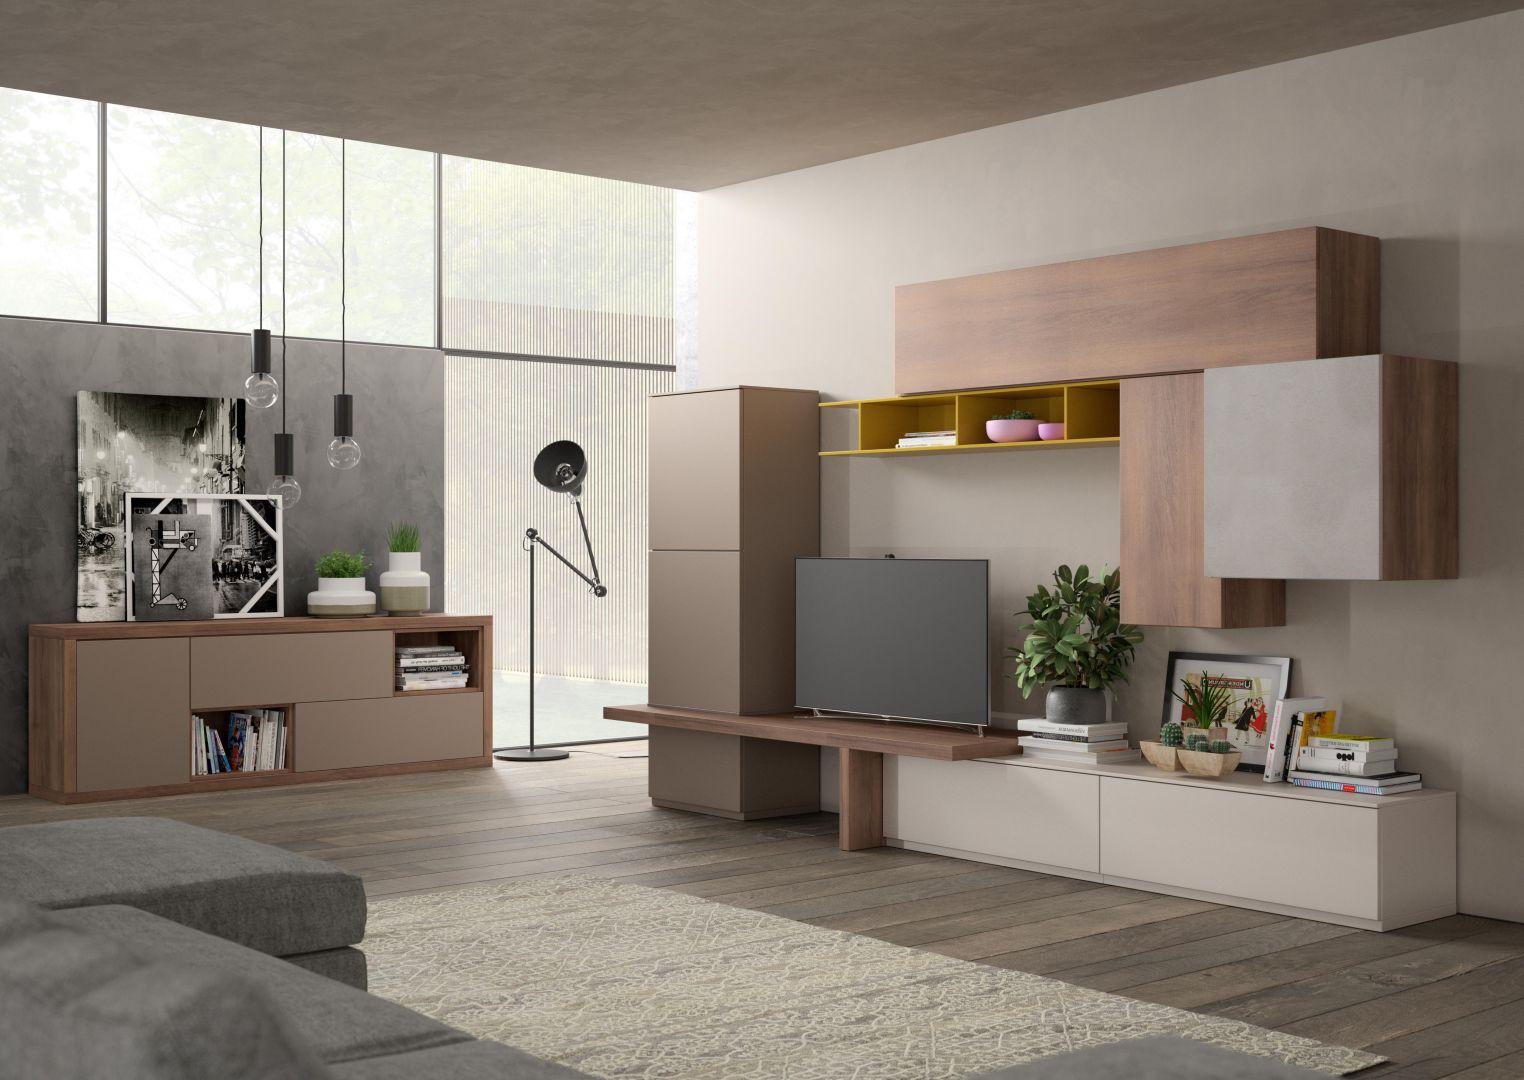 Soggiorno Living Moderno Giessegi - Comp.570 € 1750.00 | Tutto ...